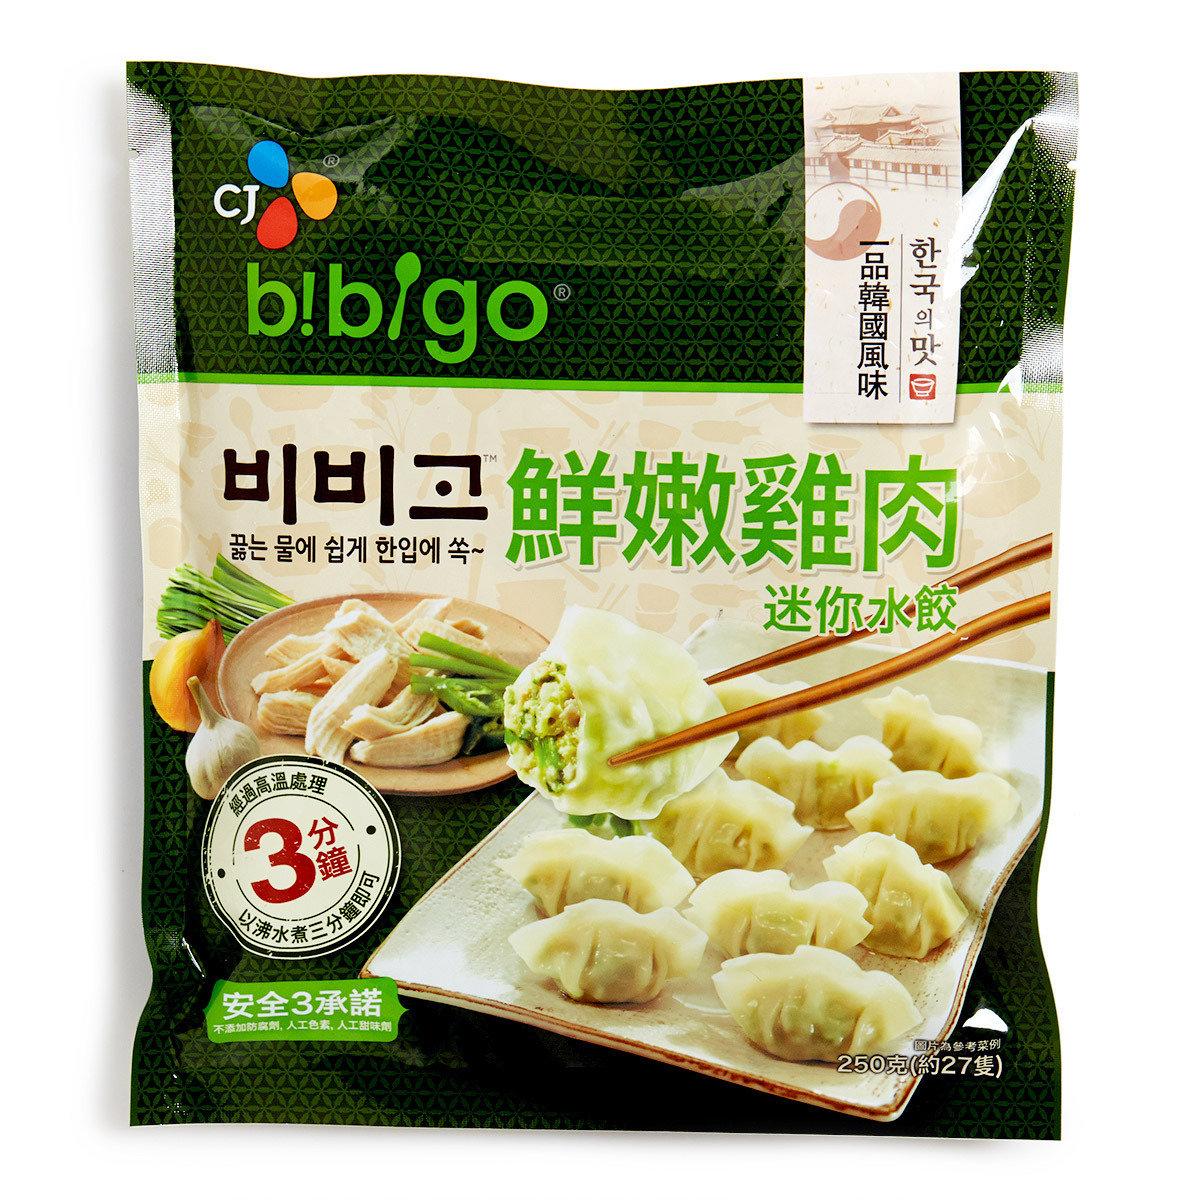 Bibigo 鮮嫩雞肉迷你水餃 (急凍)